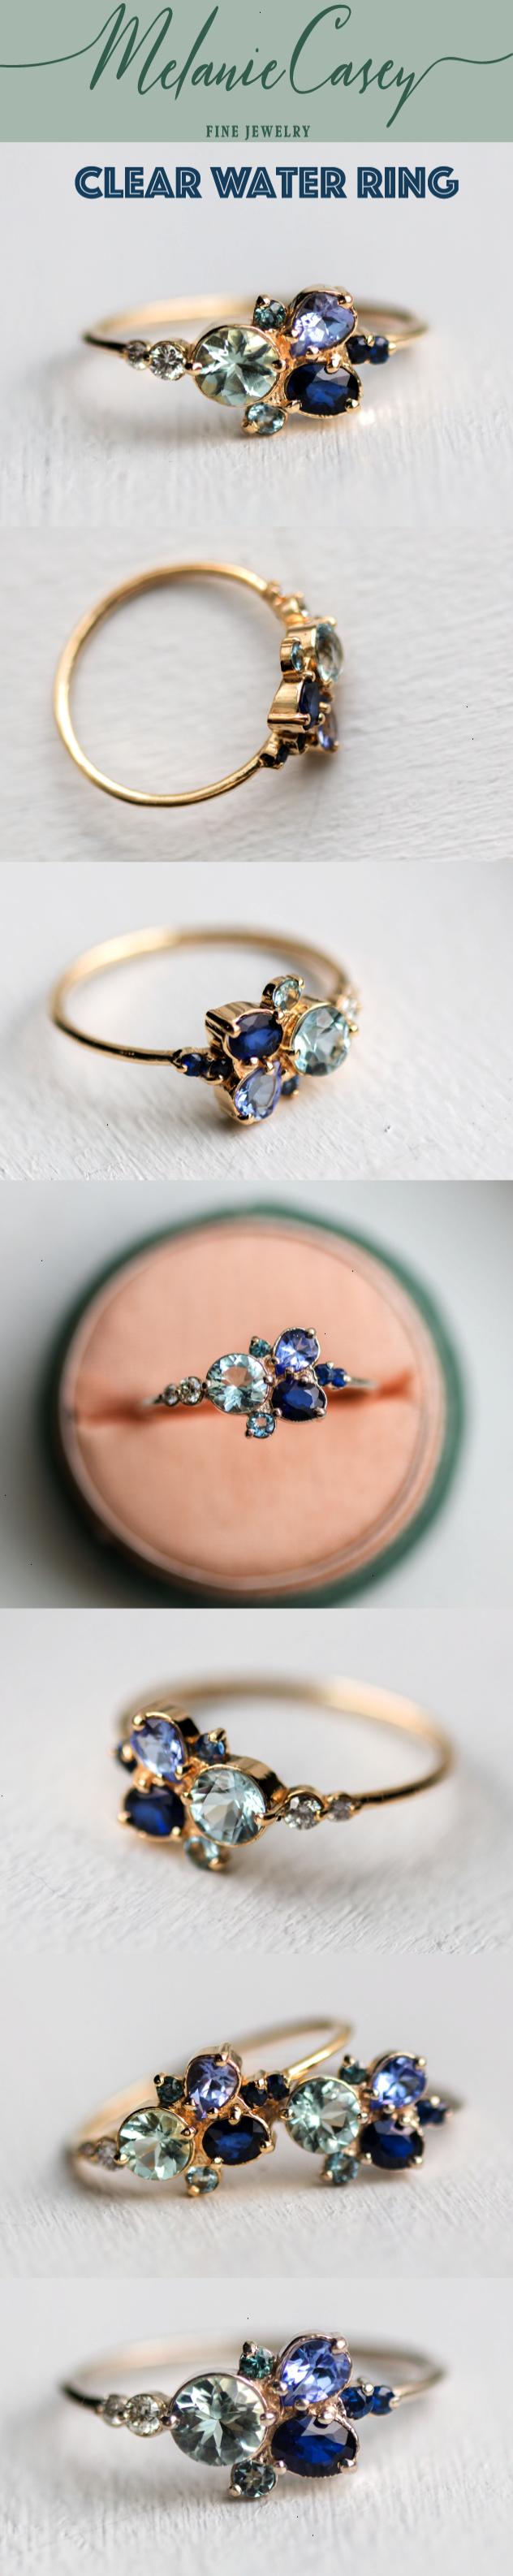 Right hand teal blue sapphire aquamarine pear tanzanite